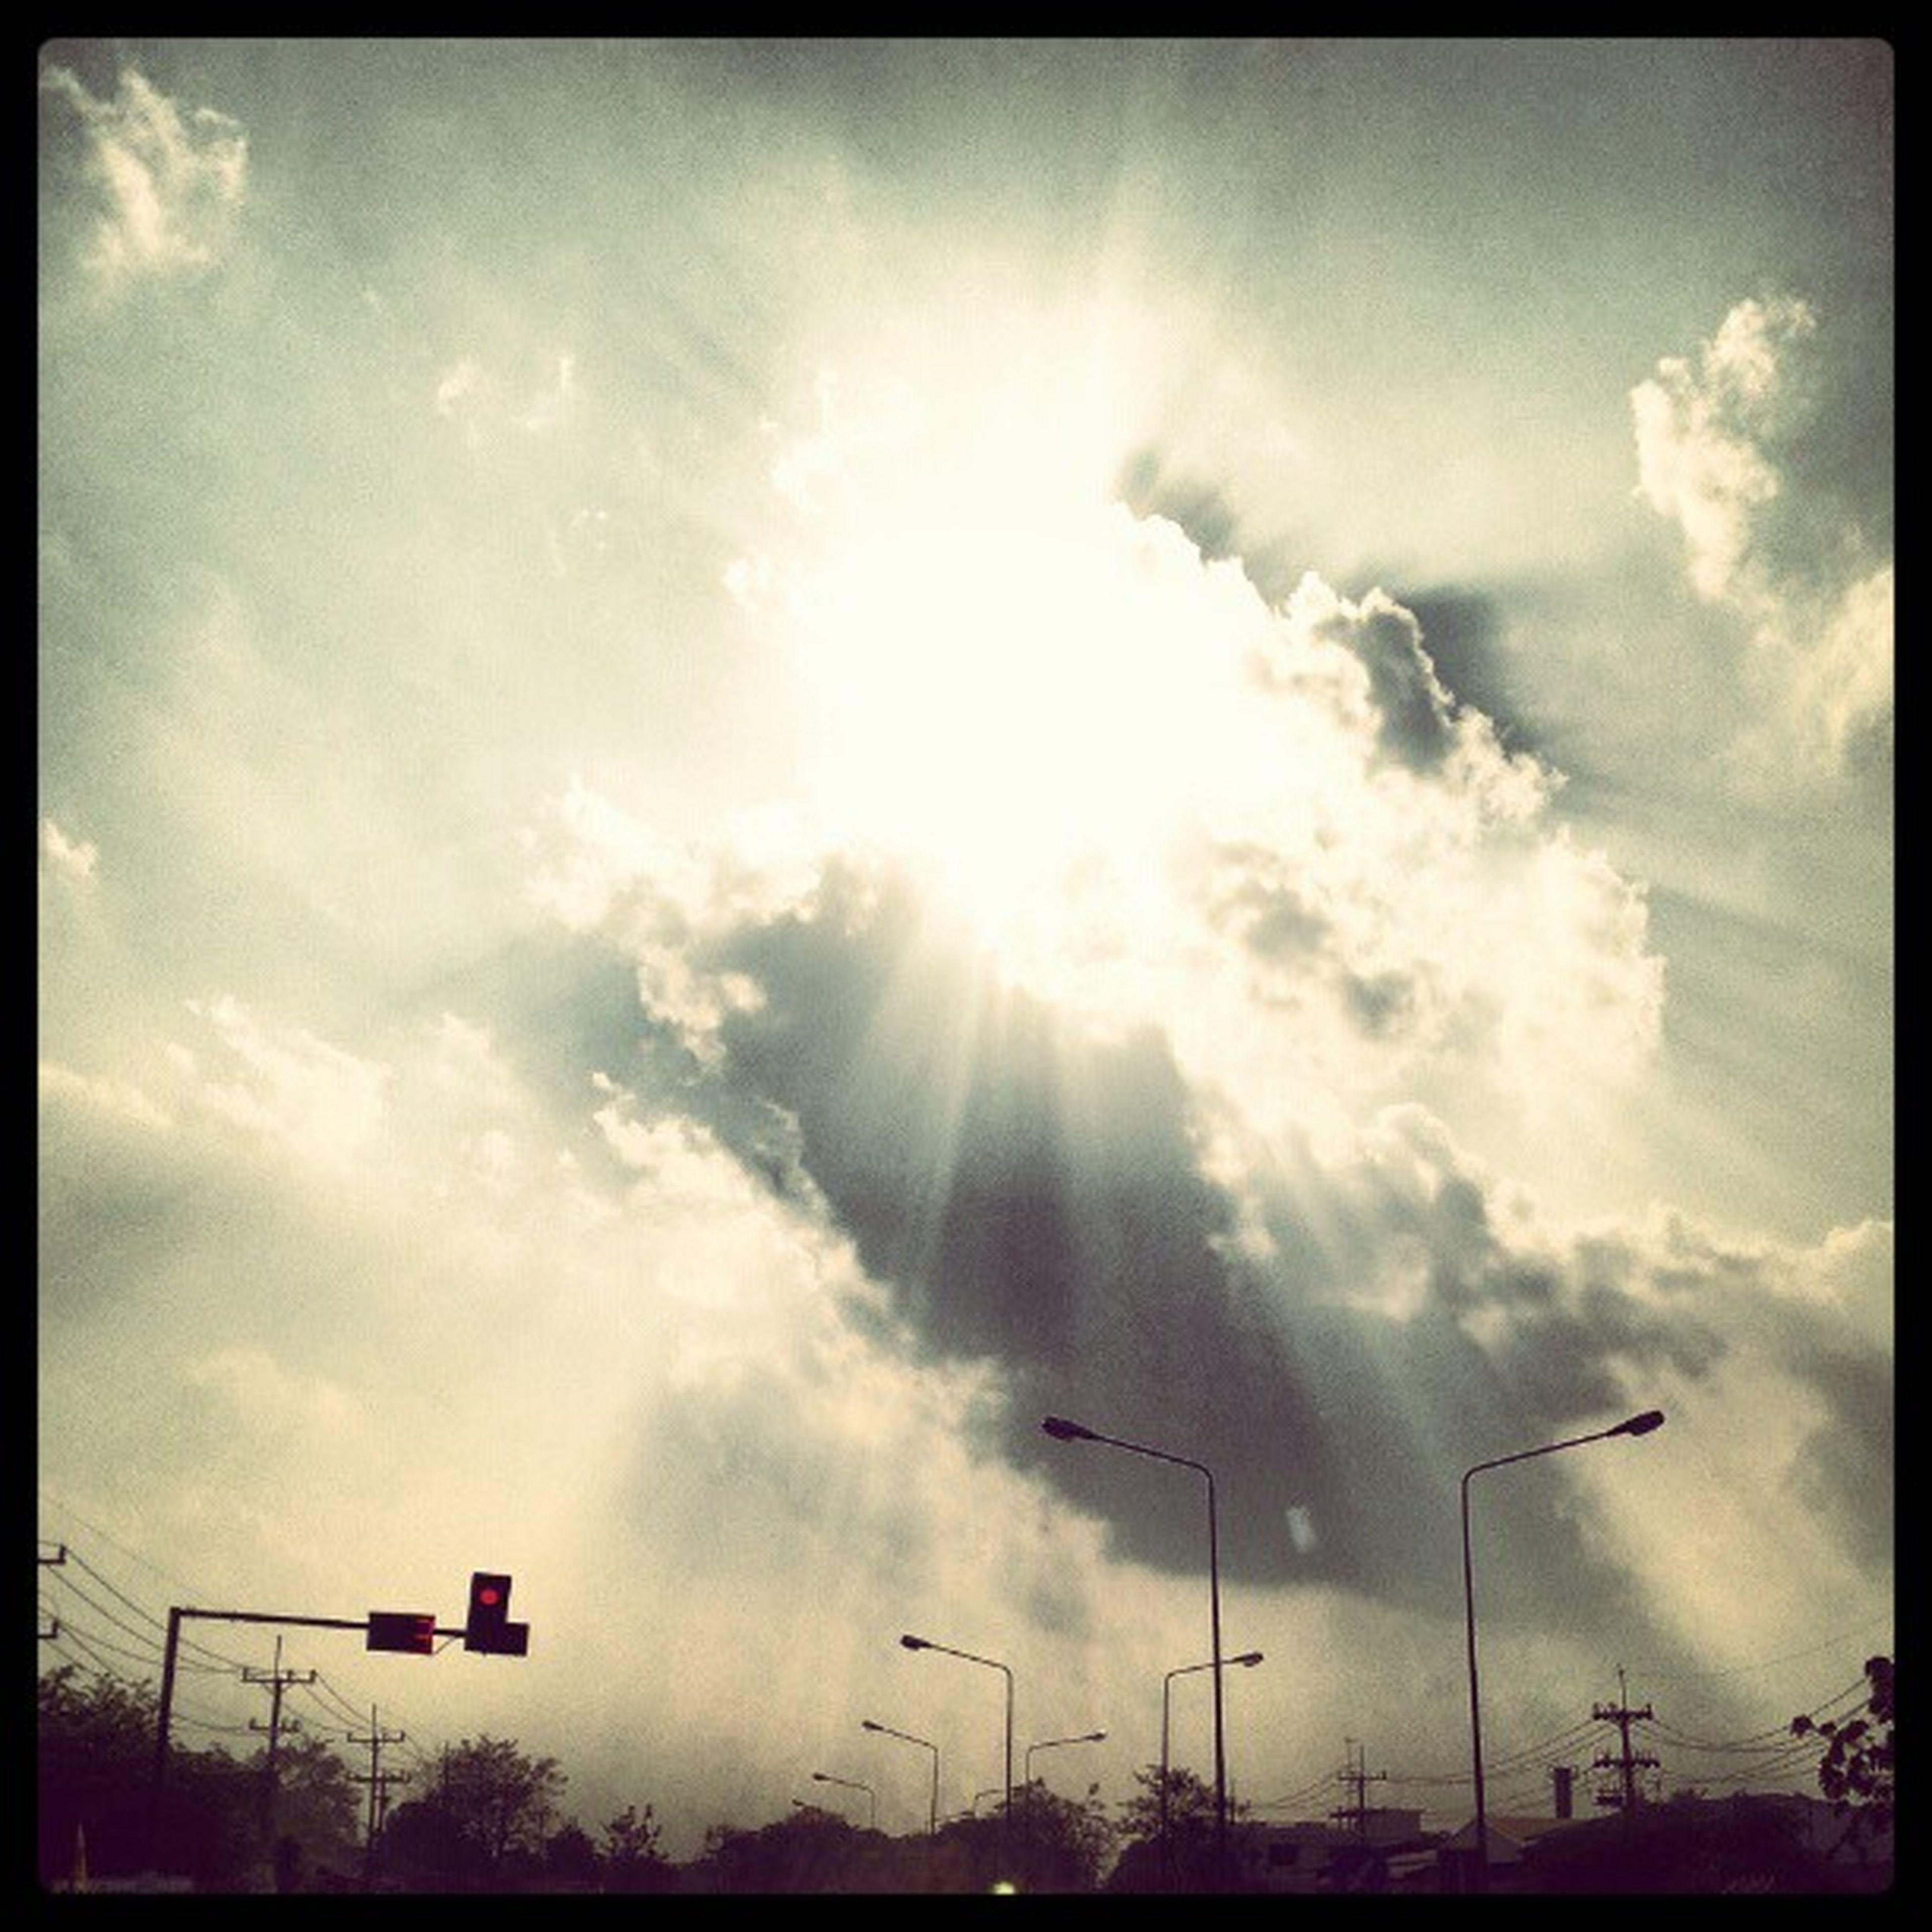 ท้องฟ้าแบบนี้...มันอาจจะมีพลังงายบางอย่างซ่อนอยู่ก็เป็นได้ ?☁☀☁?